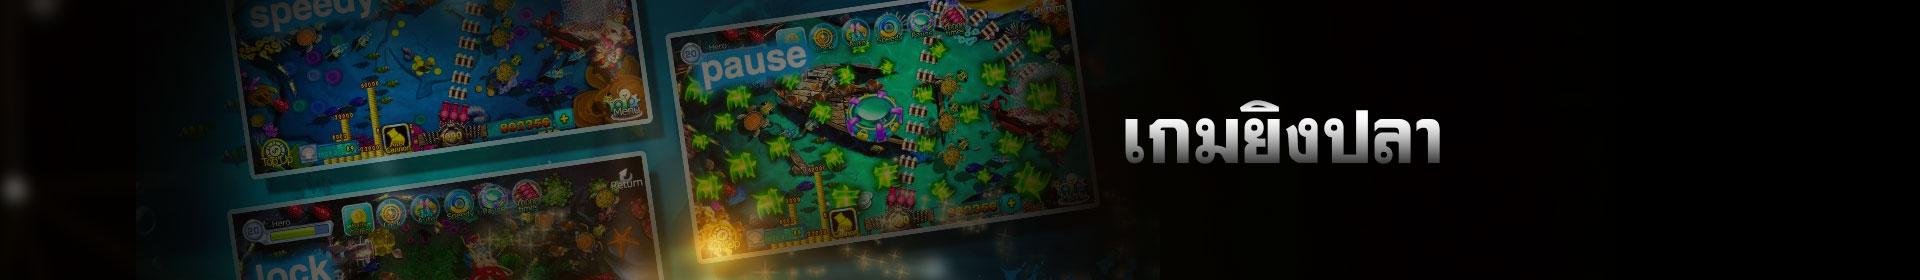 เกมปลา เกมยิงปลา - Fish Game LuckyNiki